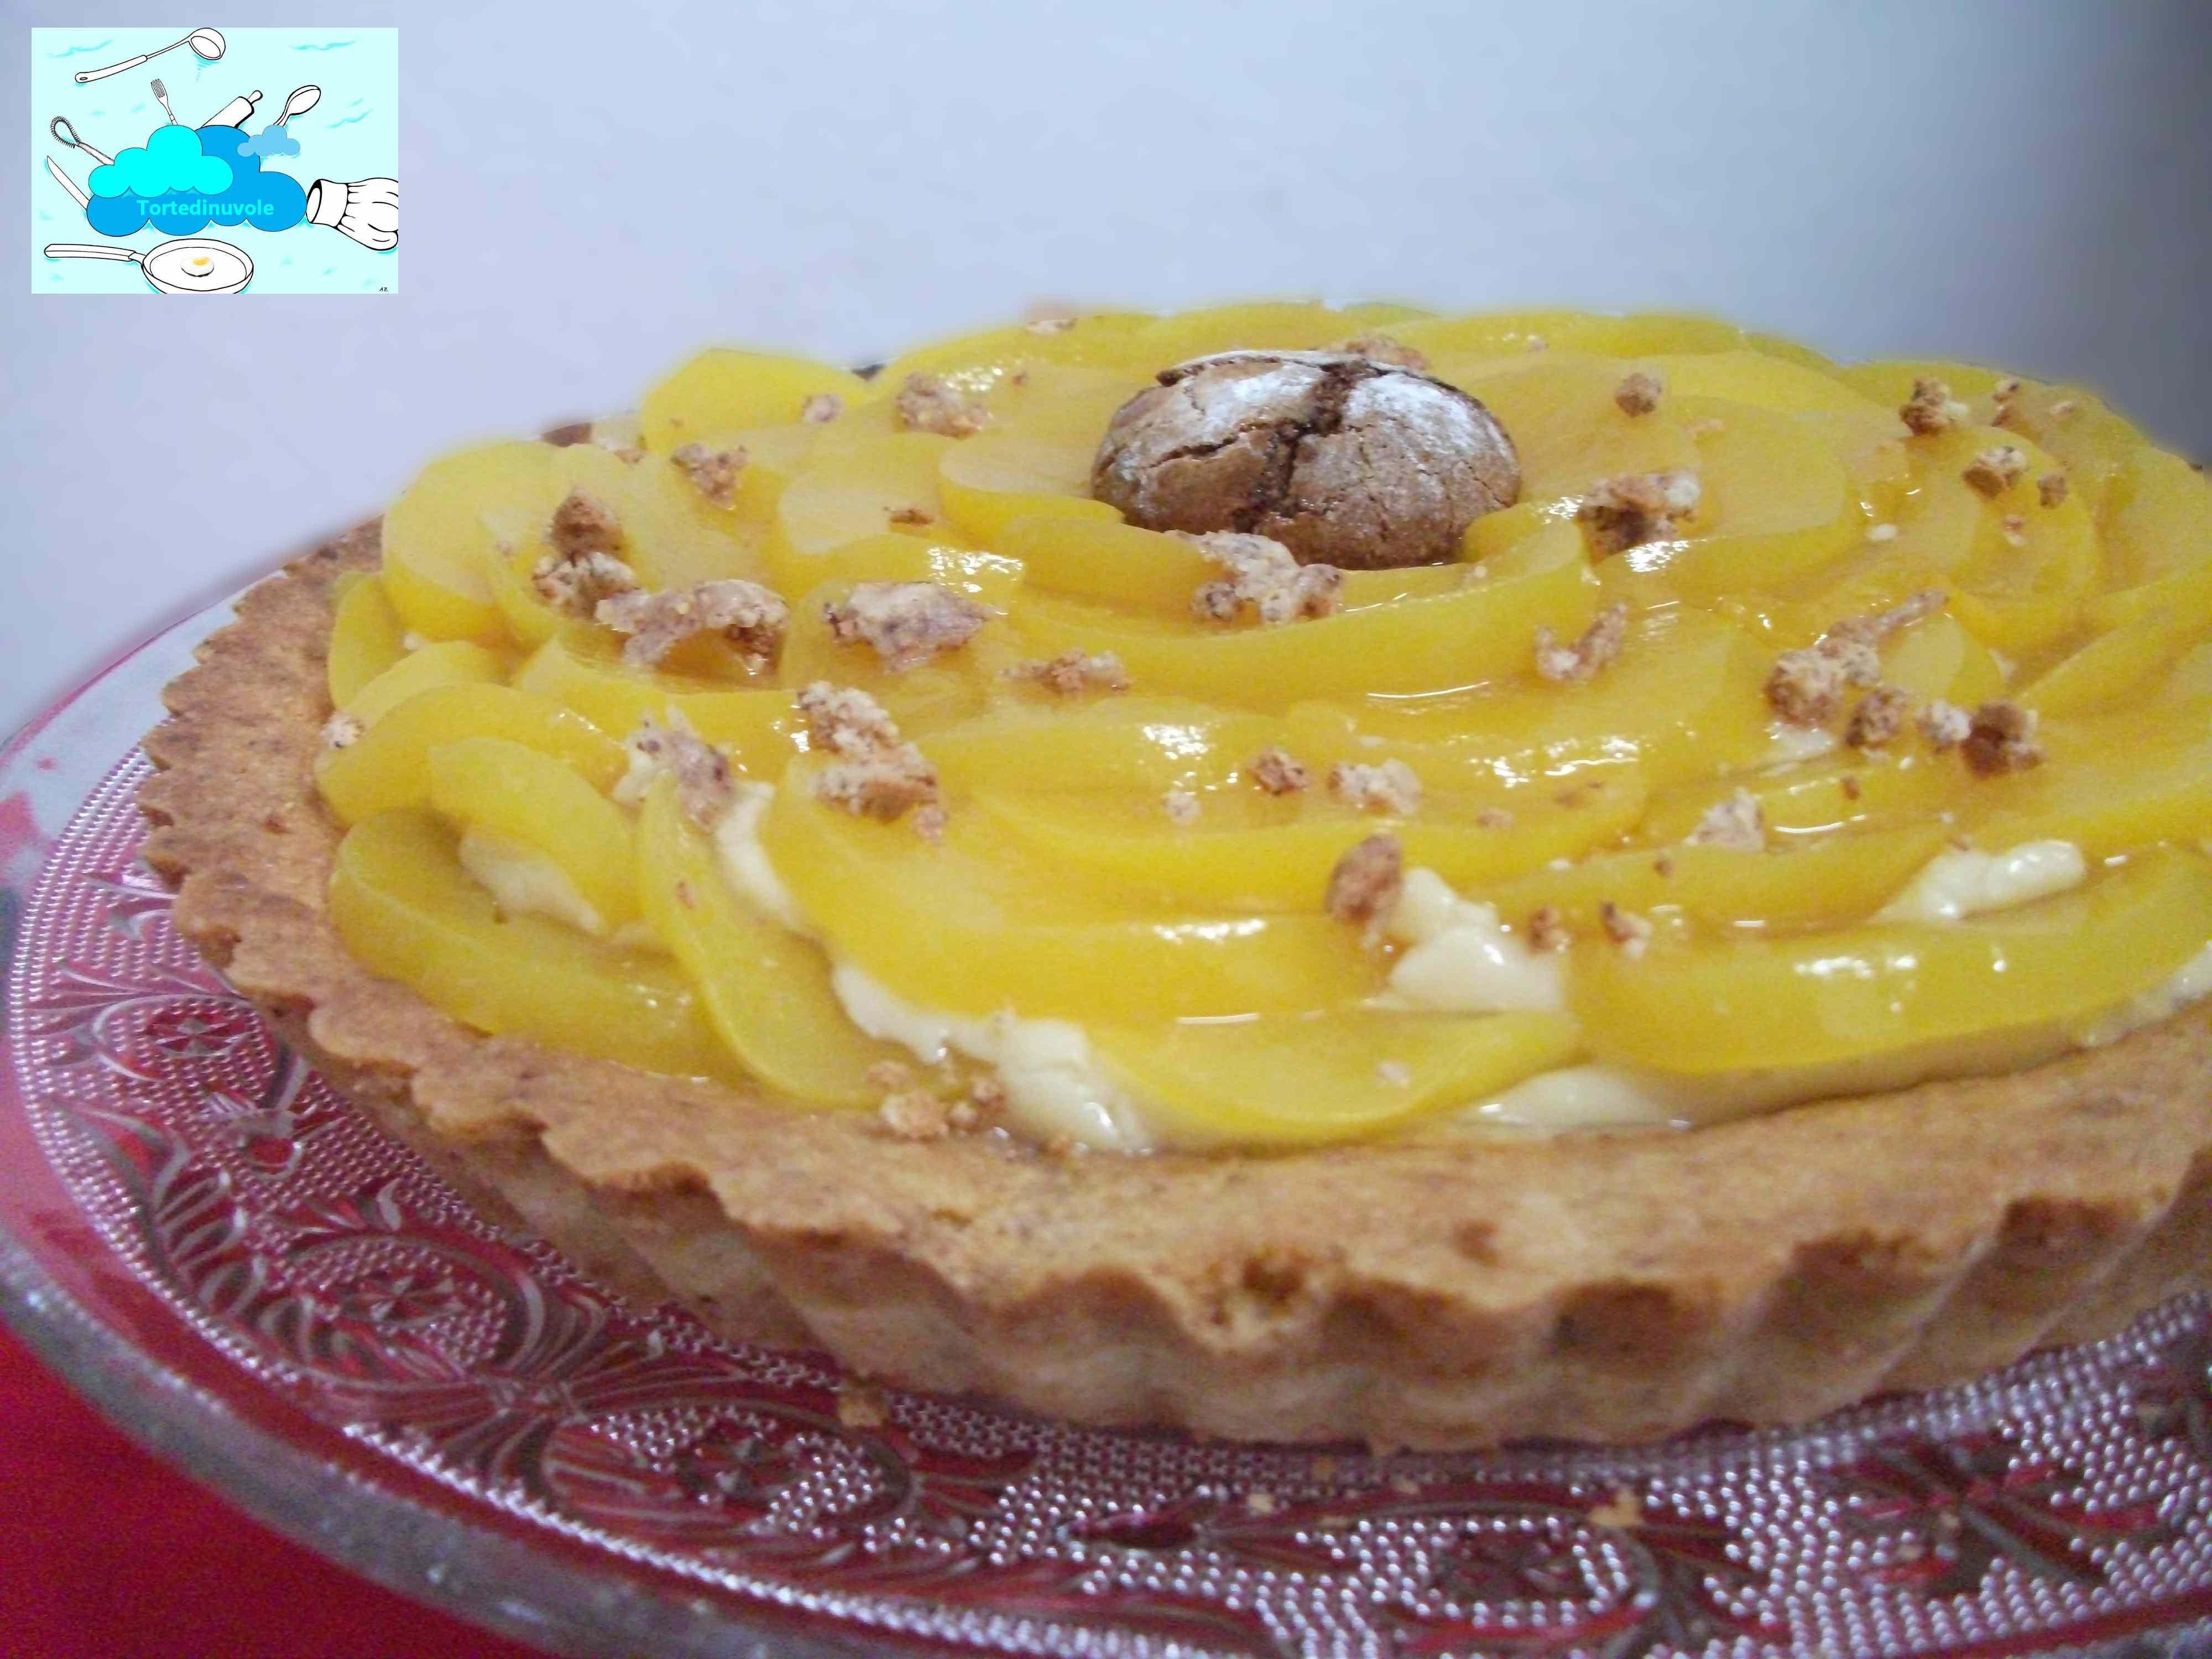 Ricetta: Crostata di amaretti con crema al marsala e pesche sciroppate